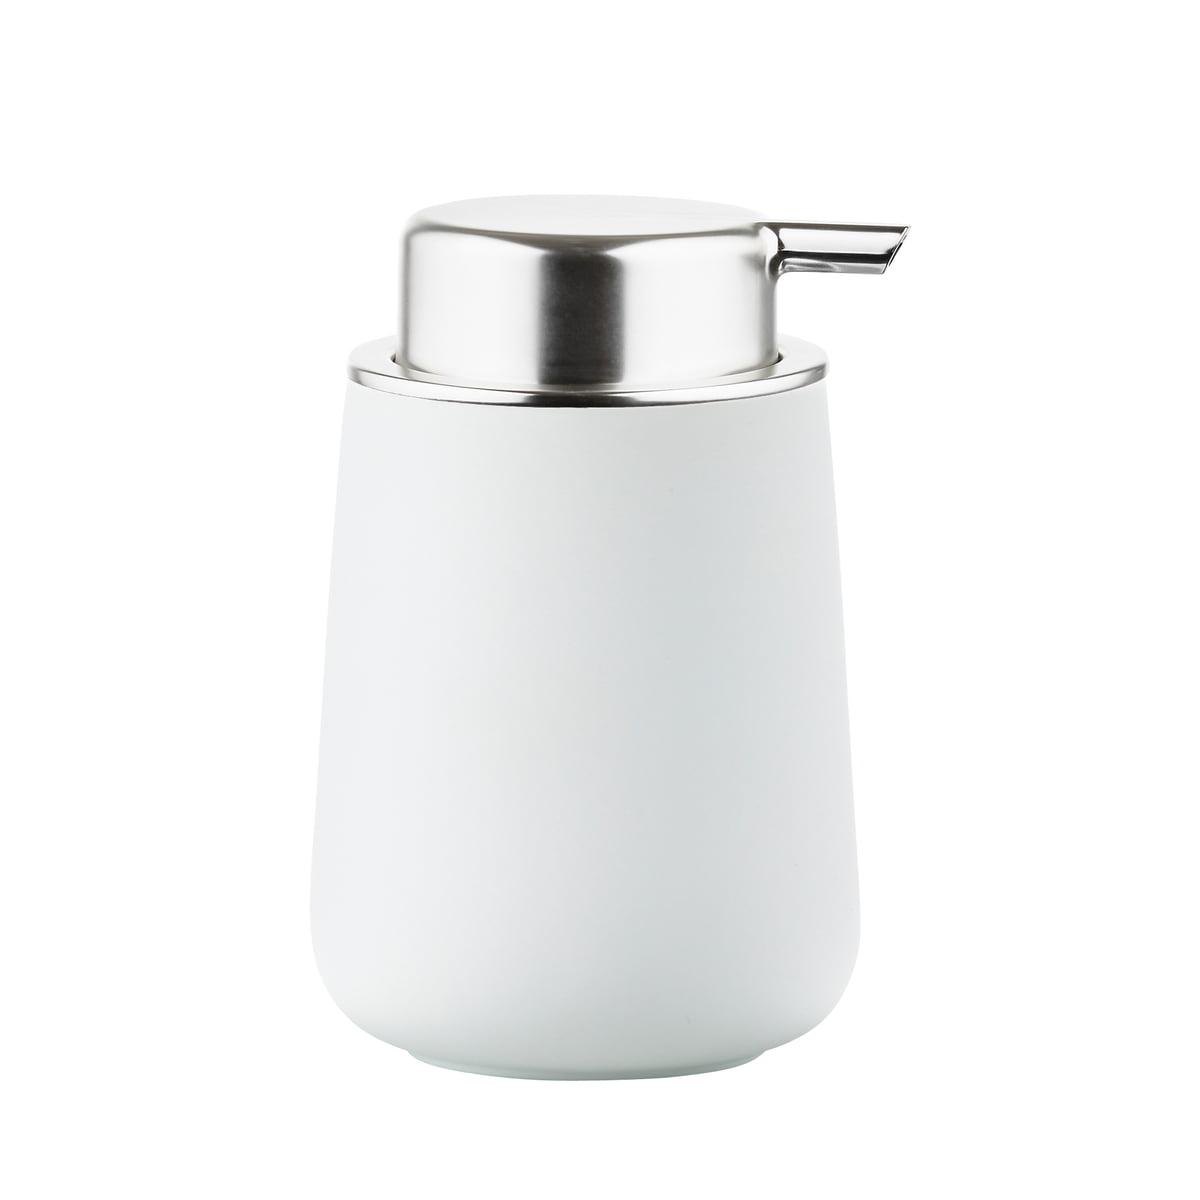 Nova Soap Dispenser By Zone Denmark In White